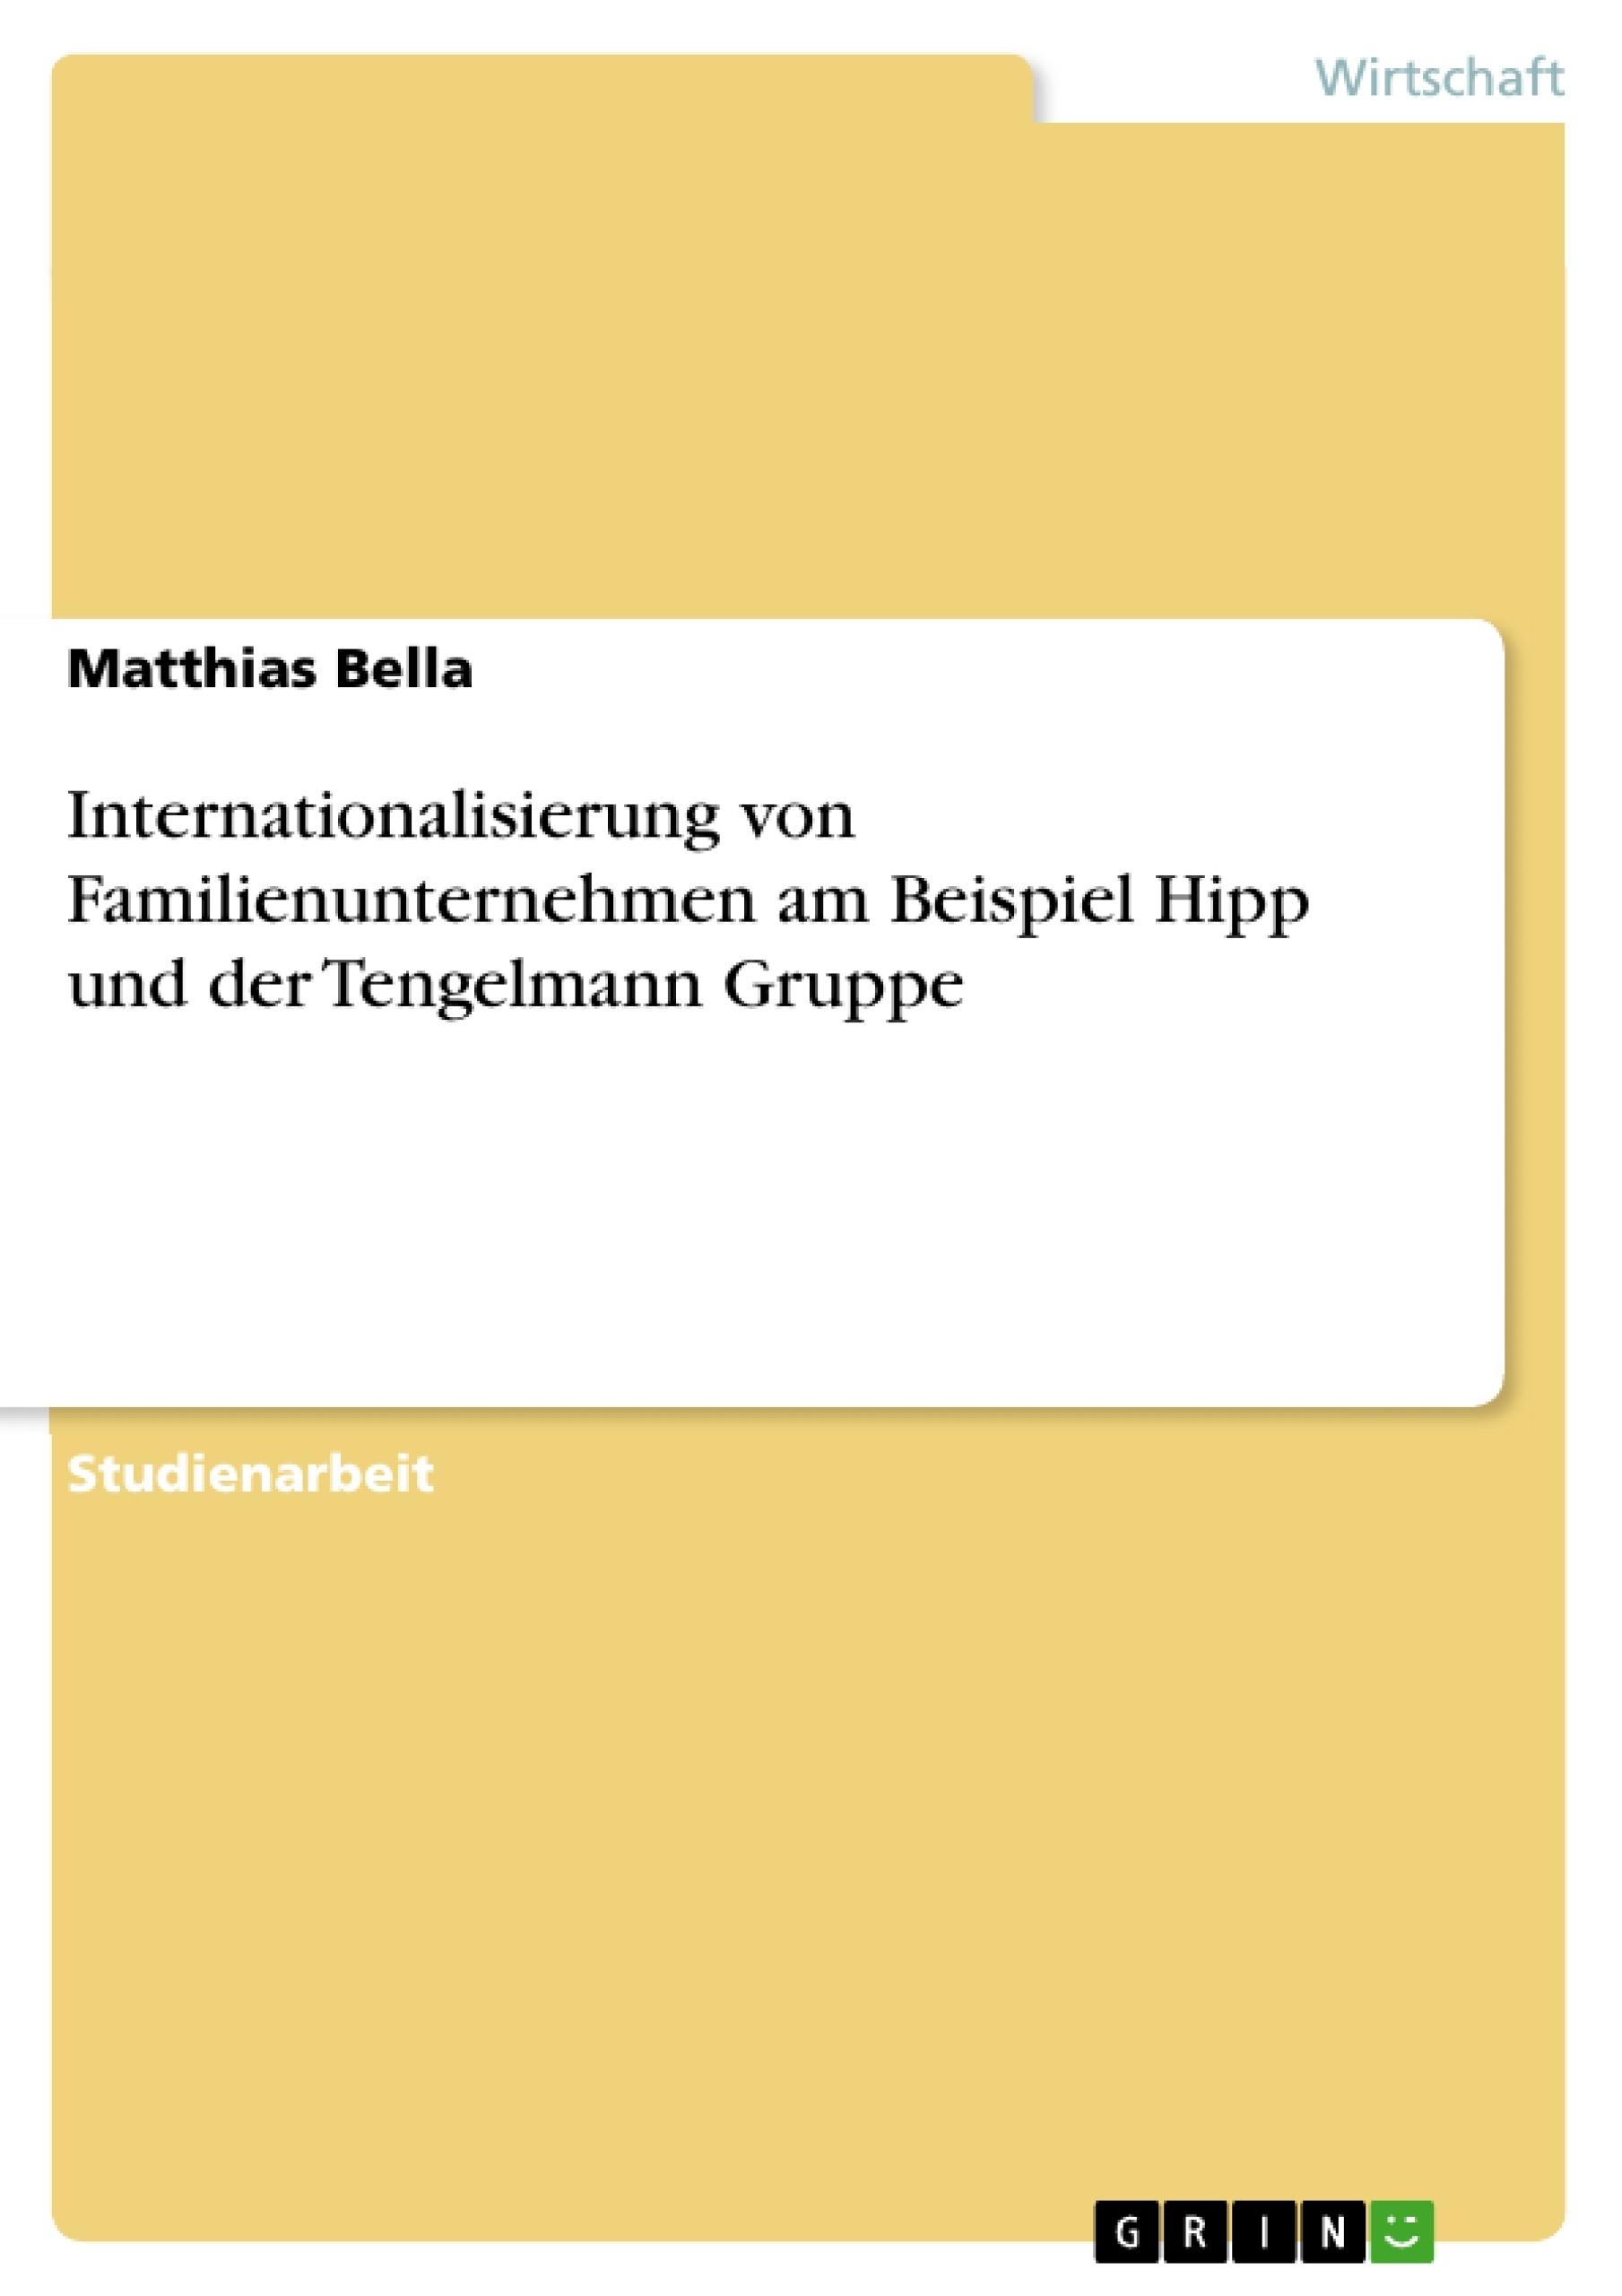 Titel: Internationalisierung von Familienunternehmen am Beispiel Hipp und der Tengelmann Gruppe